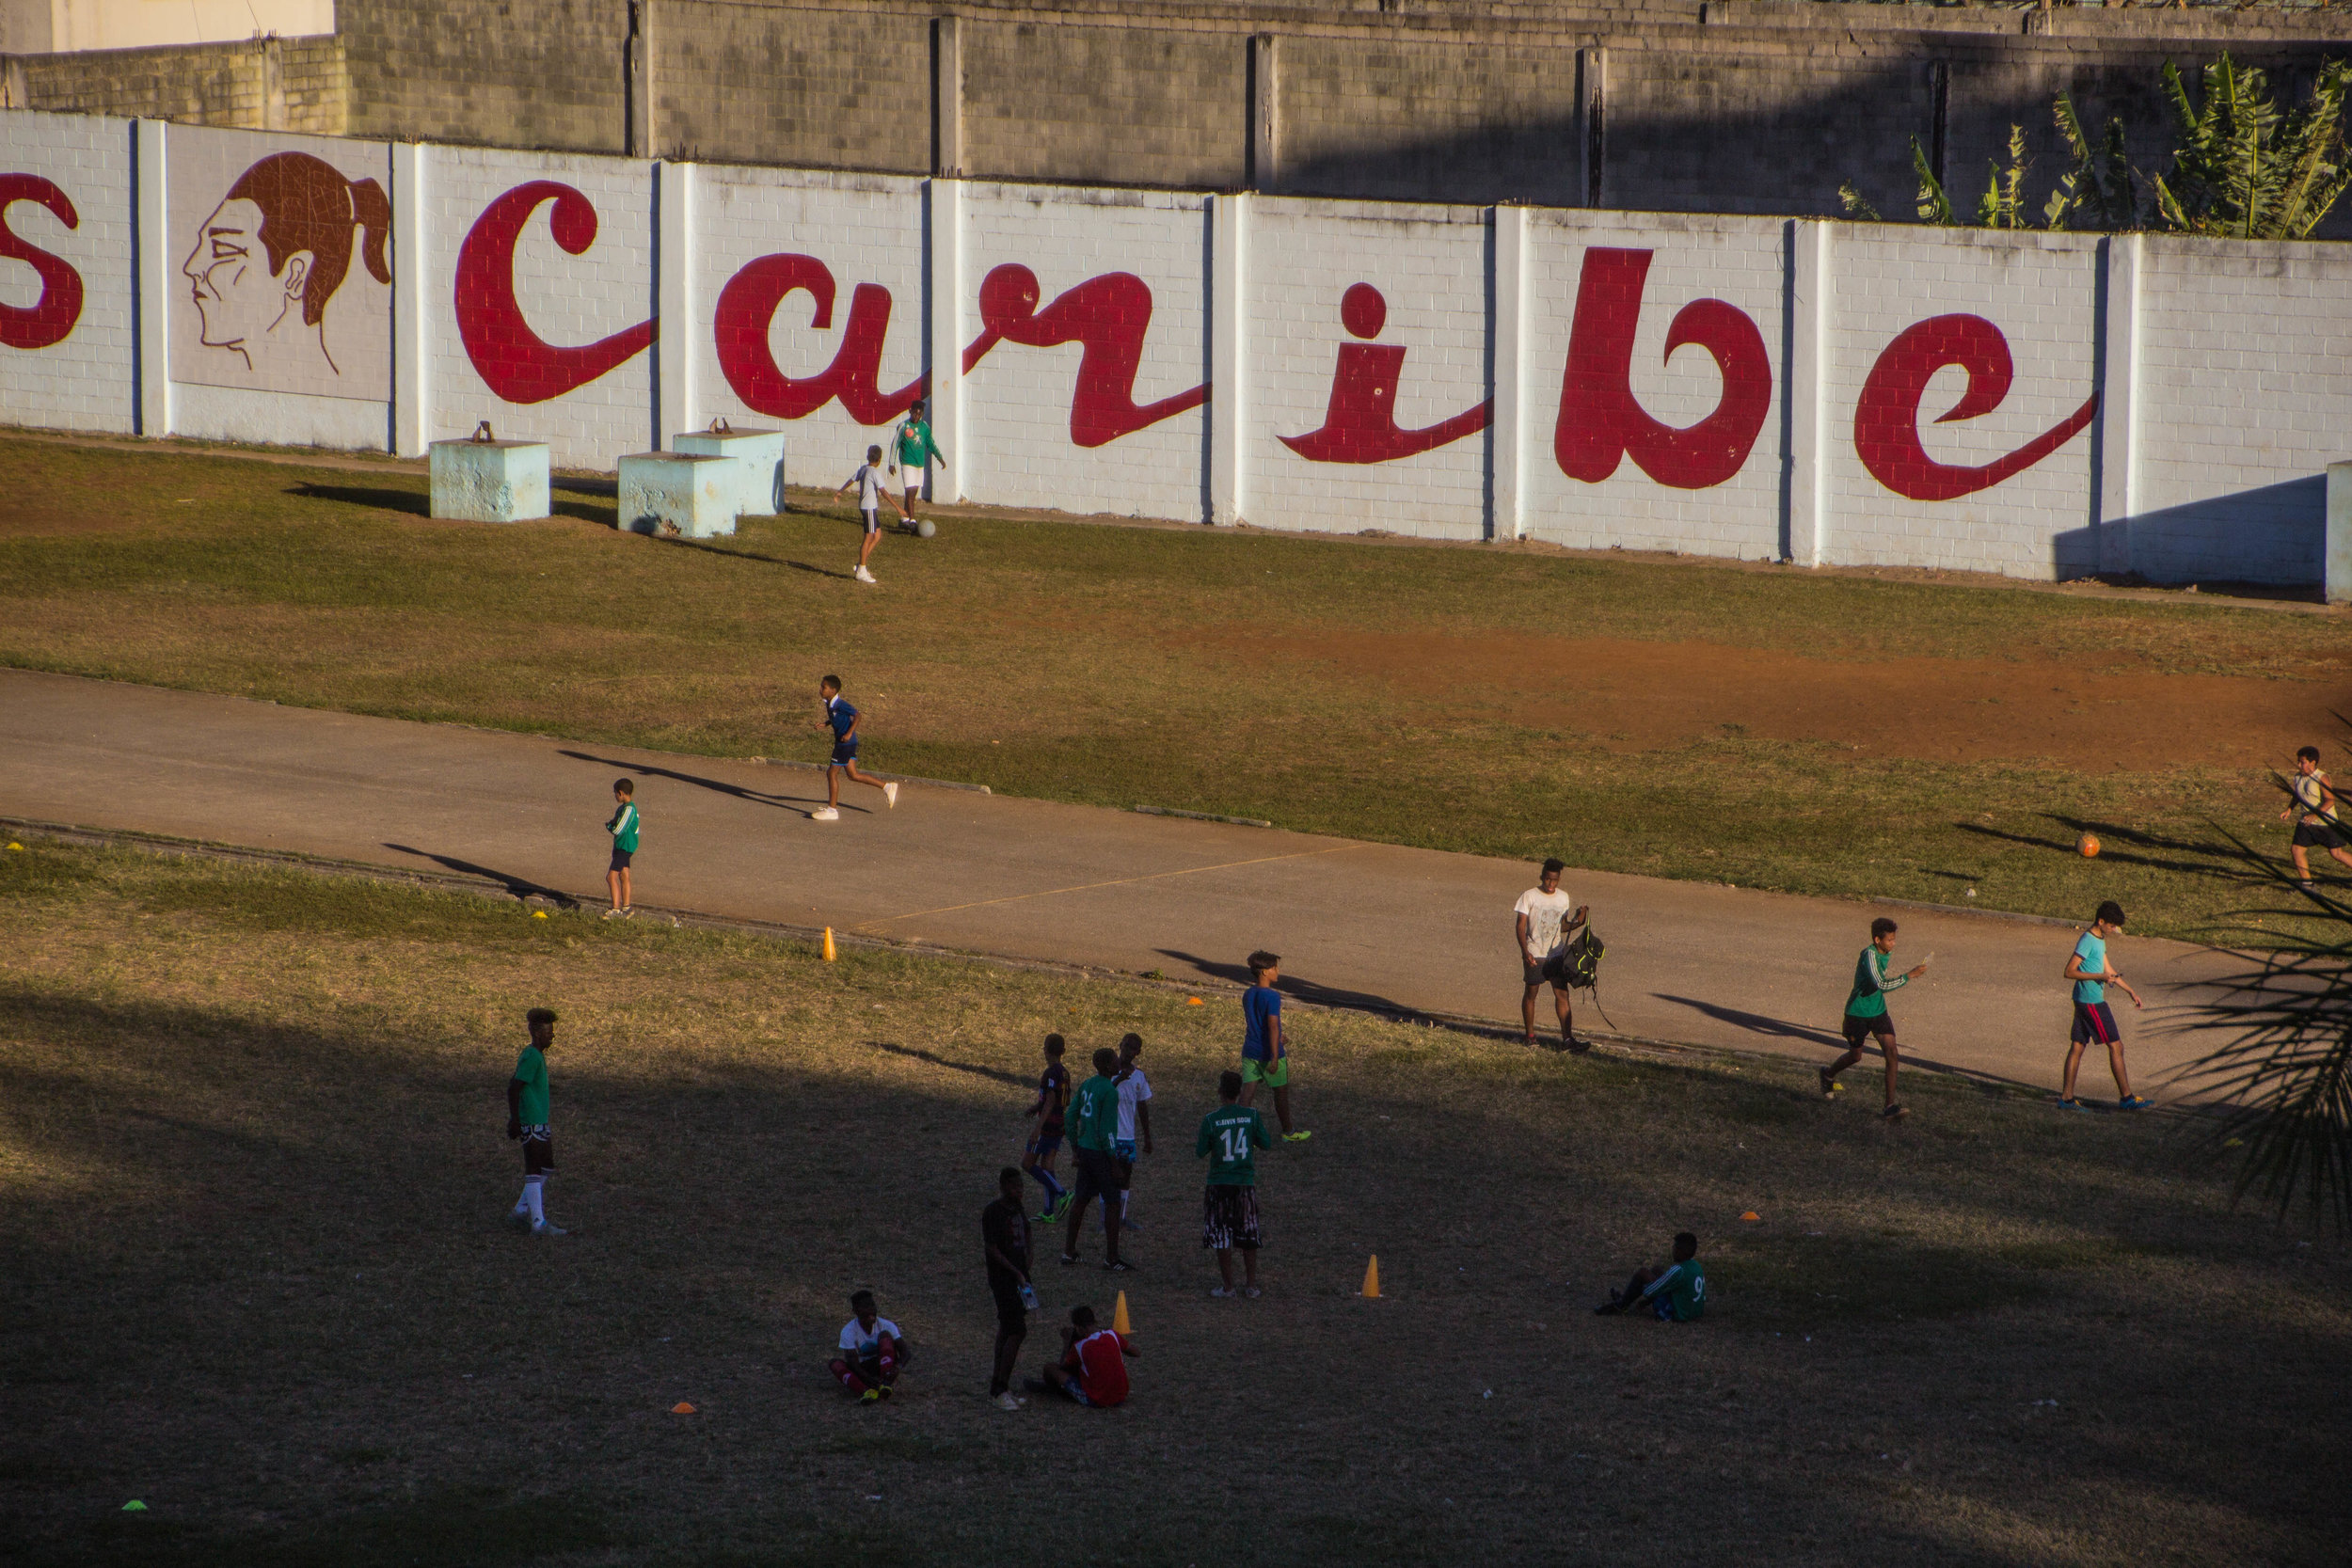 university of havana athletic fields cuba-1-2-2.jpg